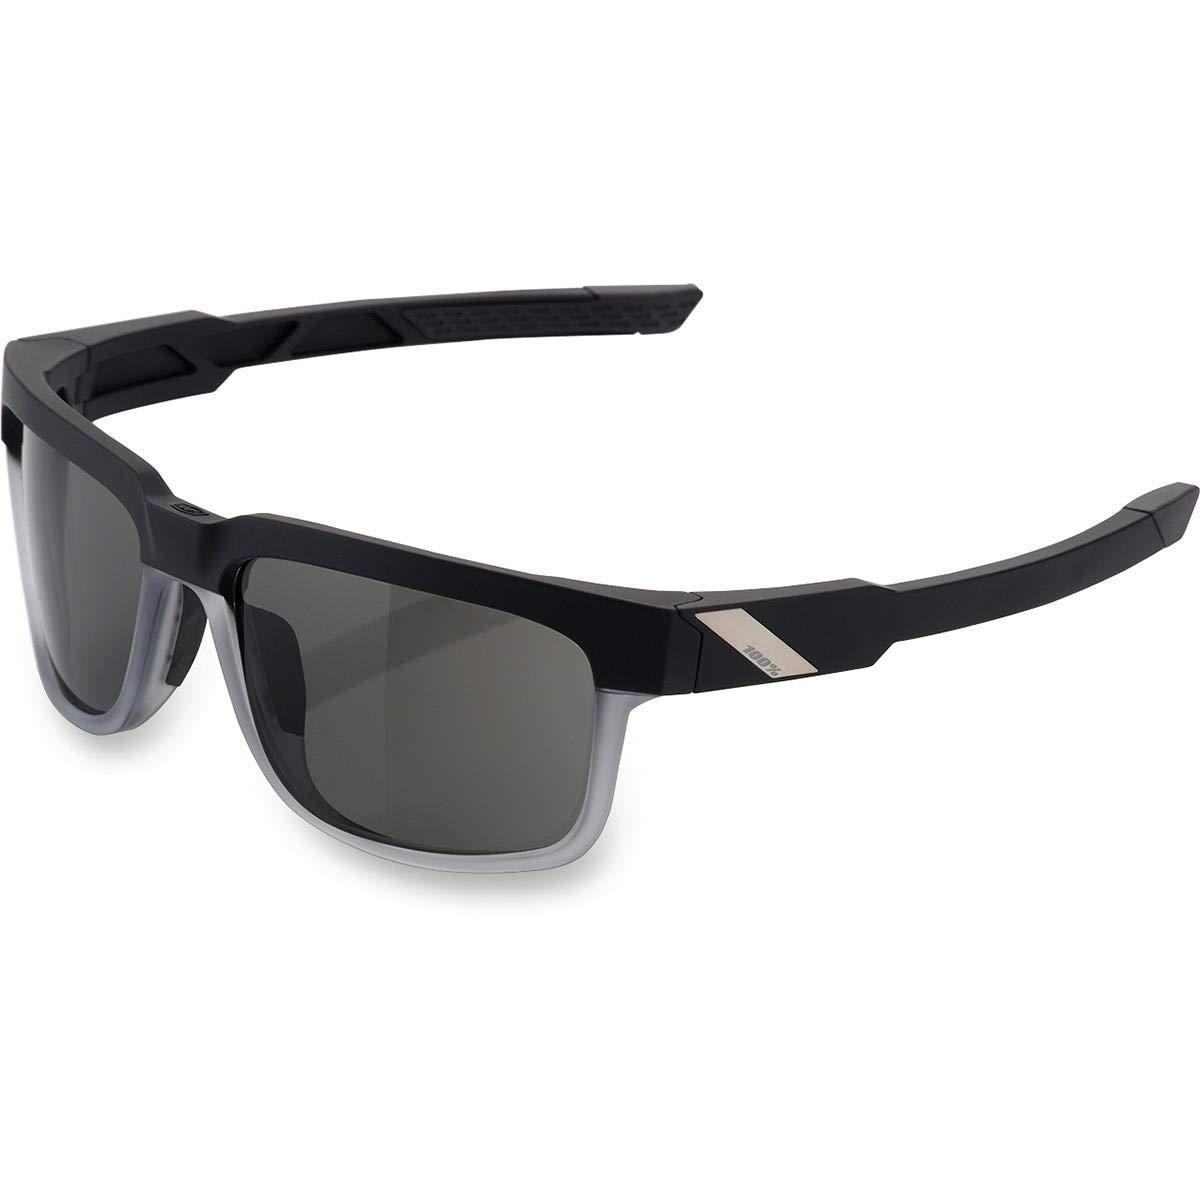 Inconnu 100% Met – 018 – 47 Sonnenbrille Unisex Erwachsene, Schwarz Transparent